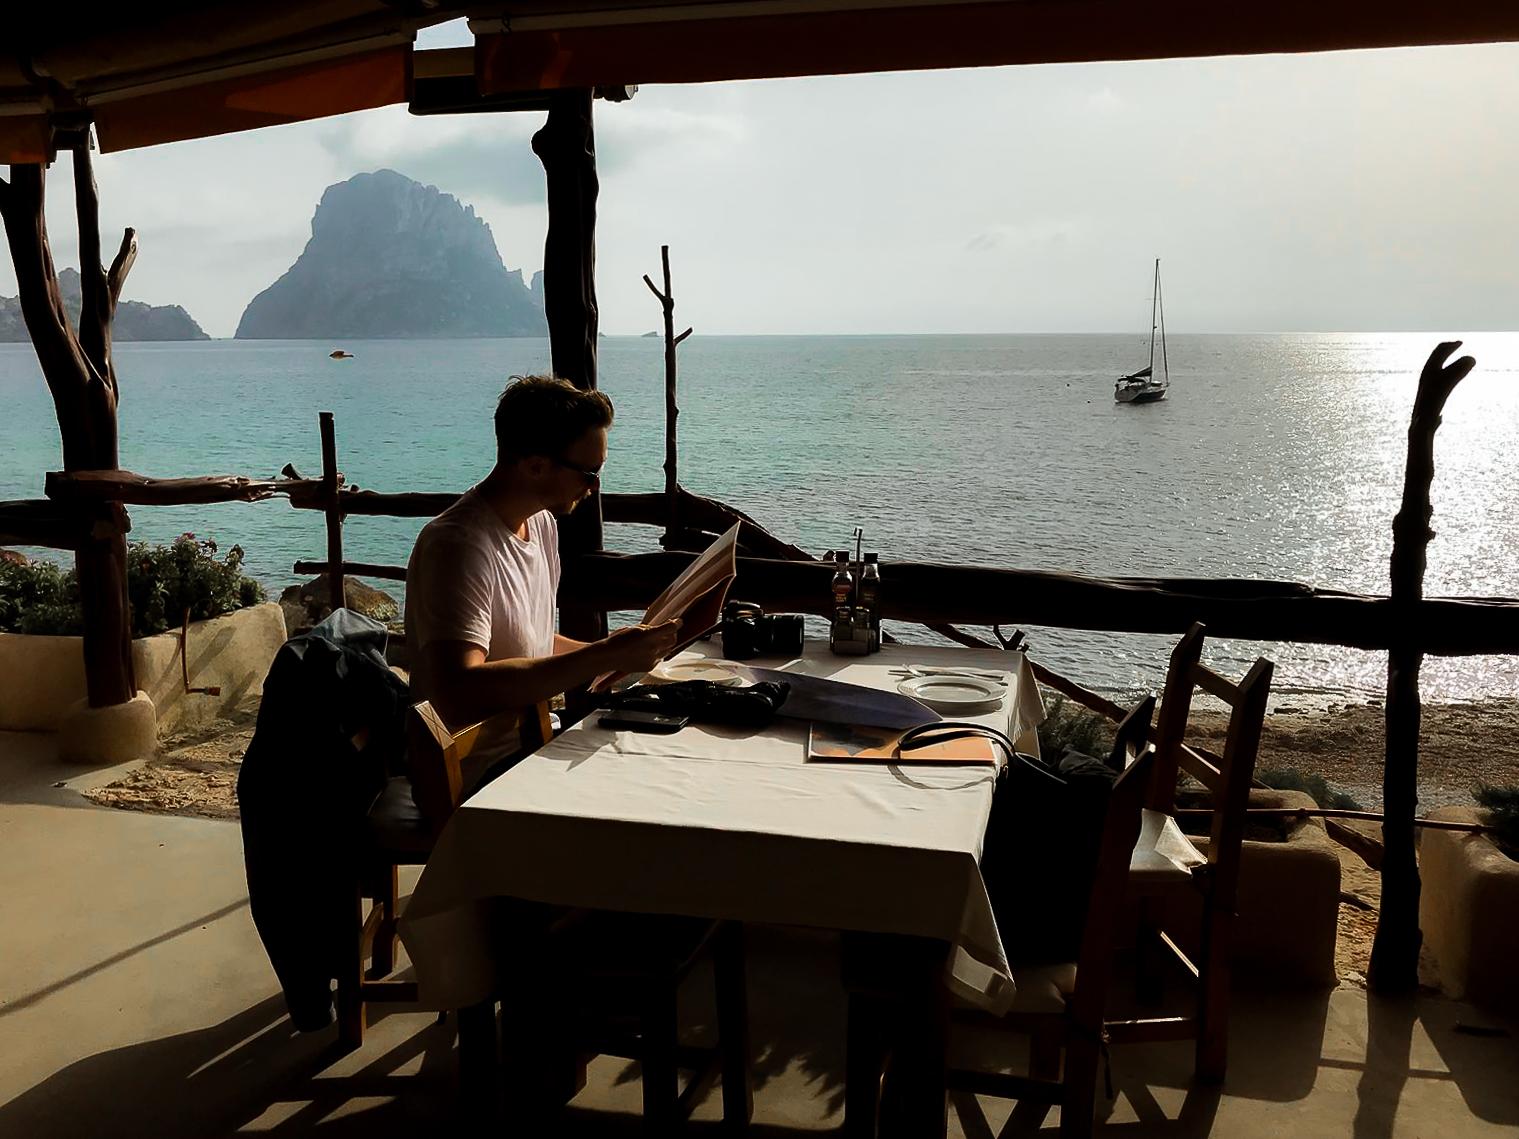 Paella at Restaurant el Carmen de Cala d'Hort, Ibiza - by Ben Holbrook